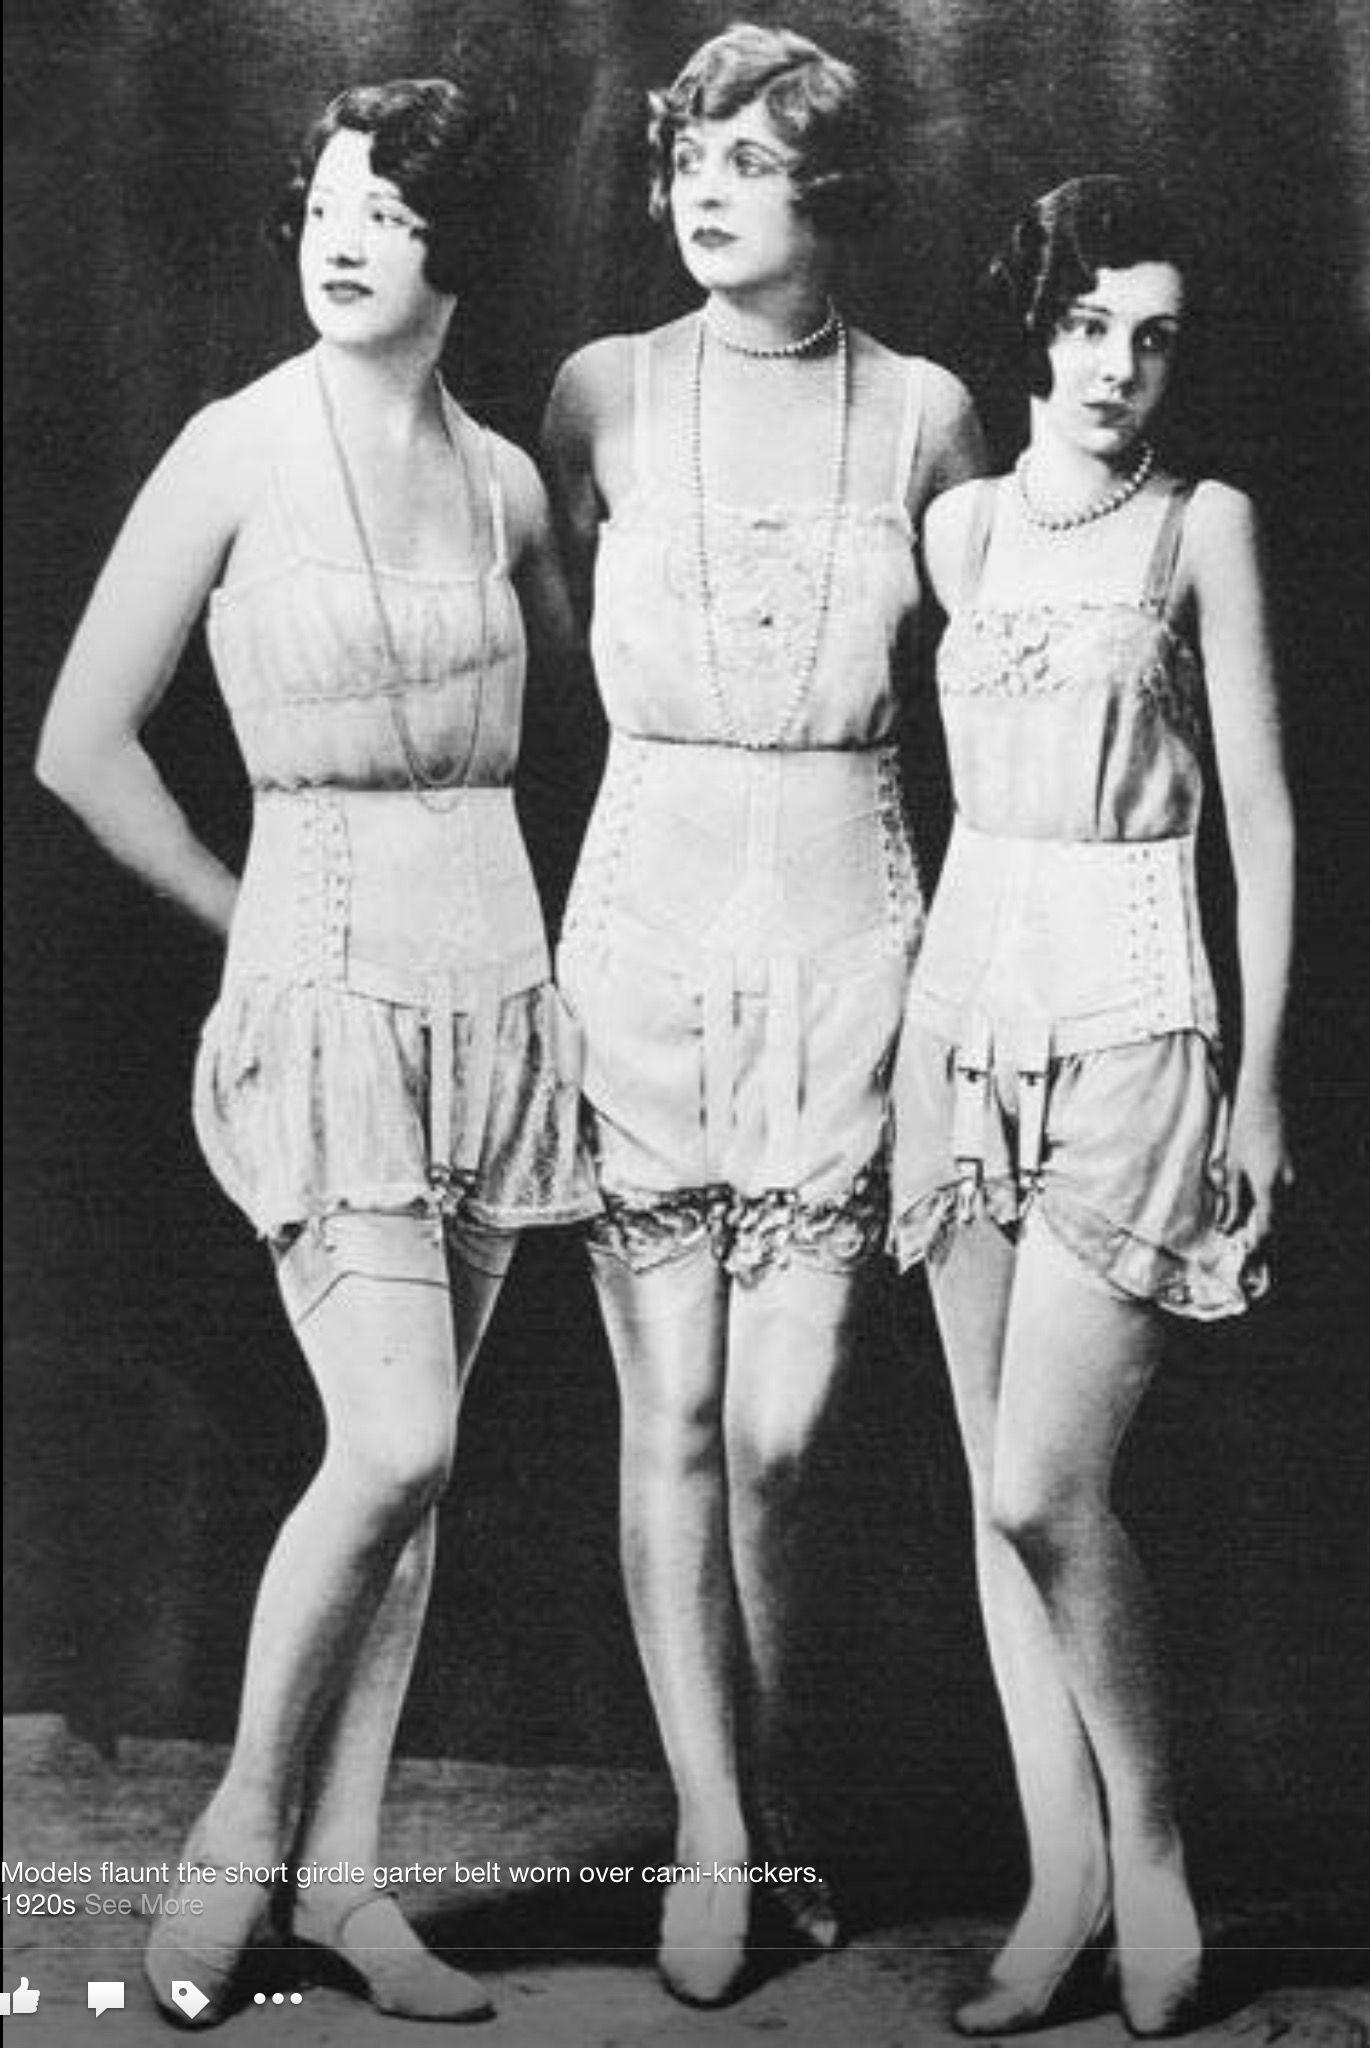 6fd709203536f 1920's ~ model wearing short girdle garter belts worn over cami-knickers